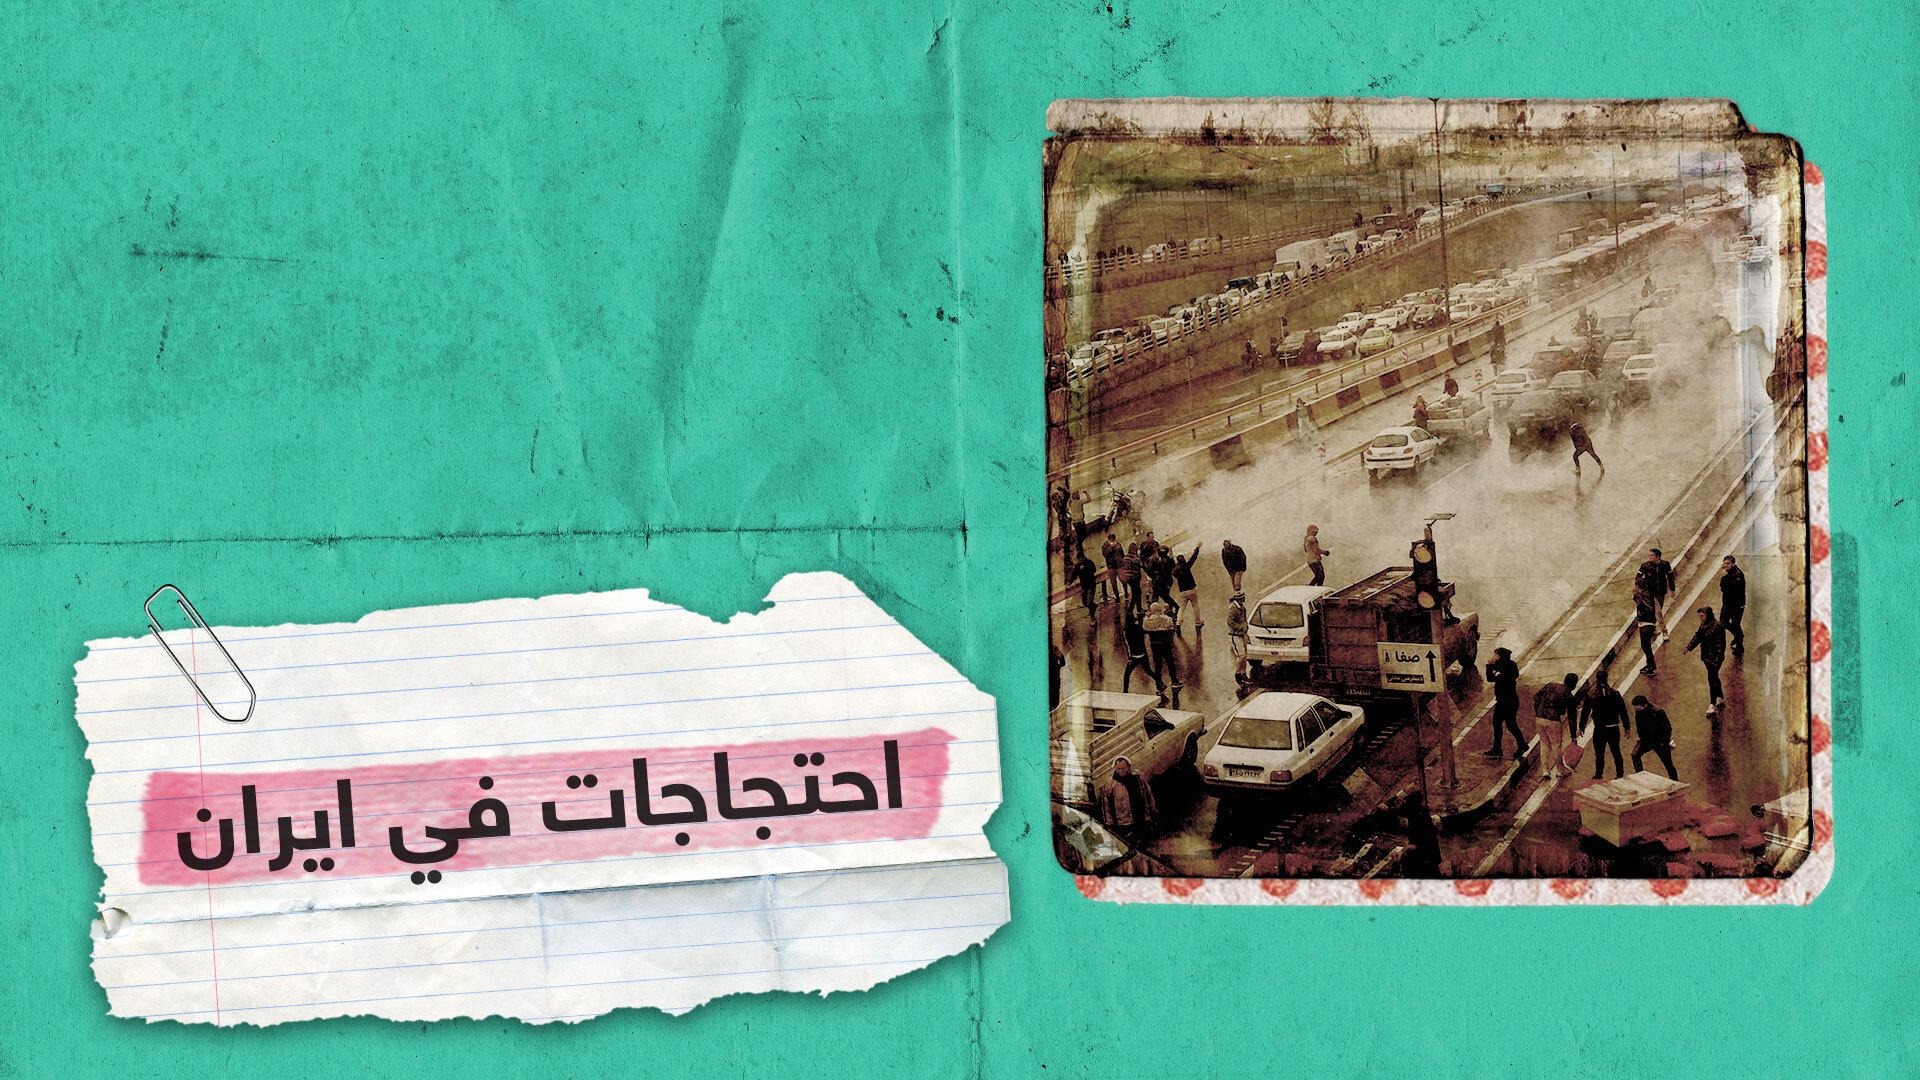 احتجاجات عارمة في إيران ضد رفع أسعار الوقود 3 أضعاف